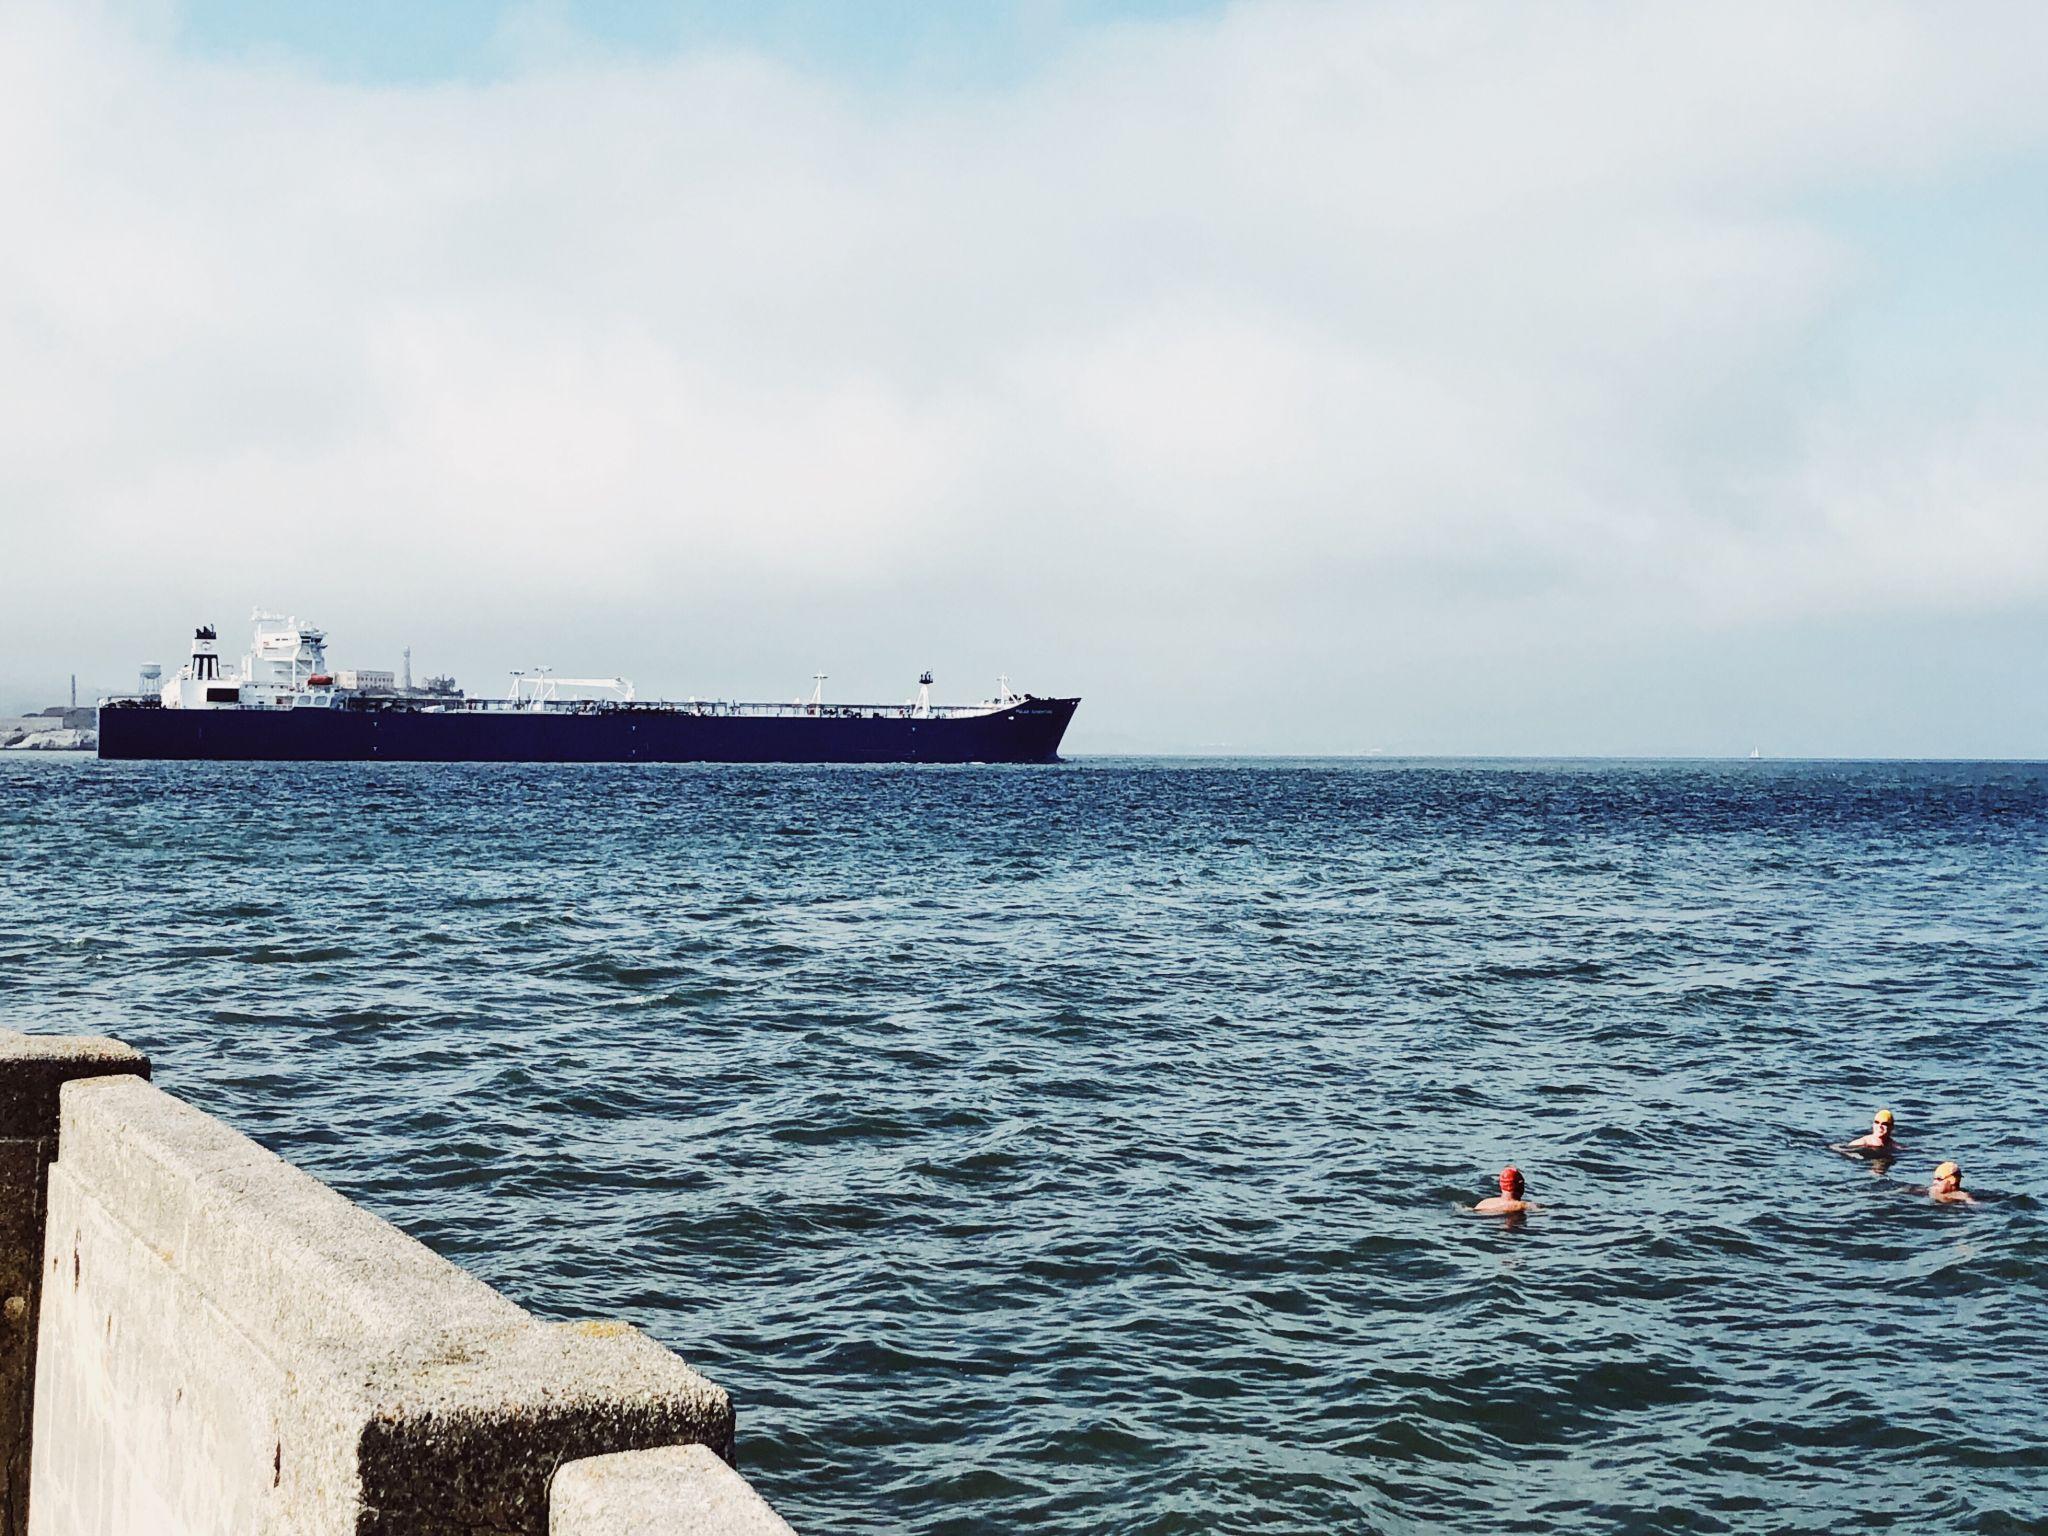 Die Marina/ Chestnut Street Gegend in San Francisco - Nowshine ü40 Reiseblog - Aquatic Park Cove Schwimmer